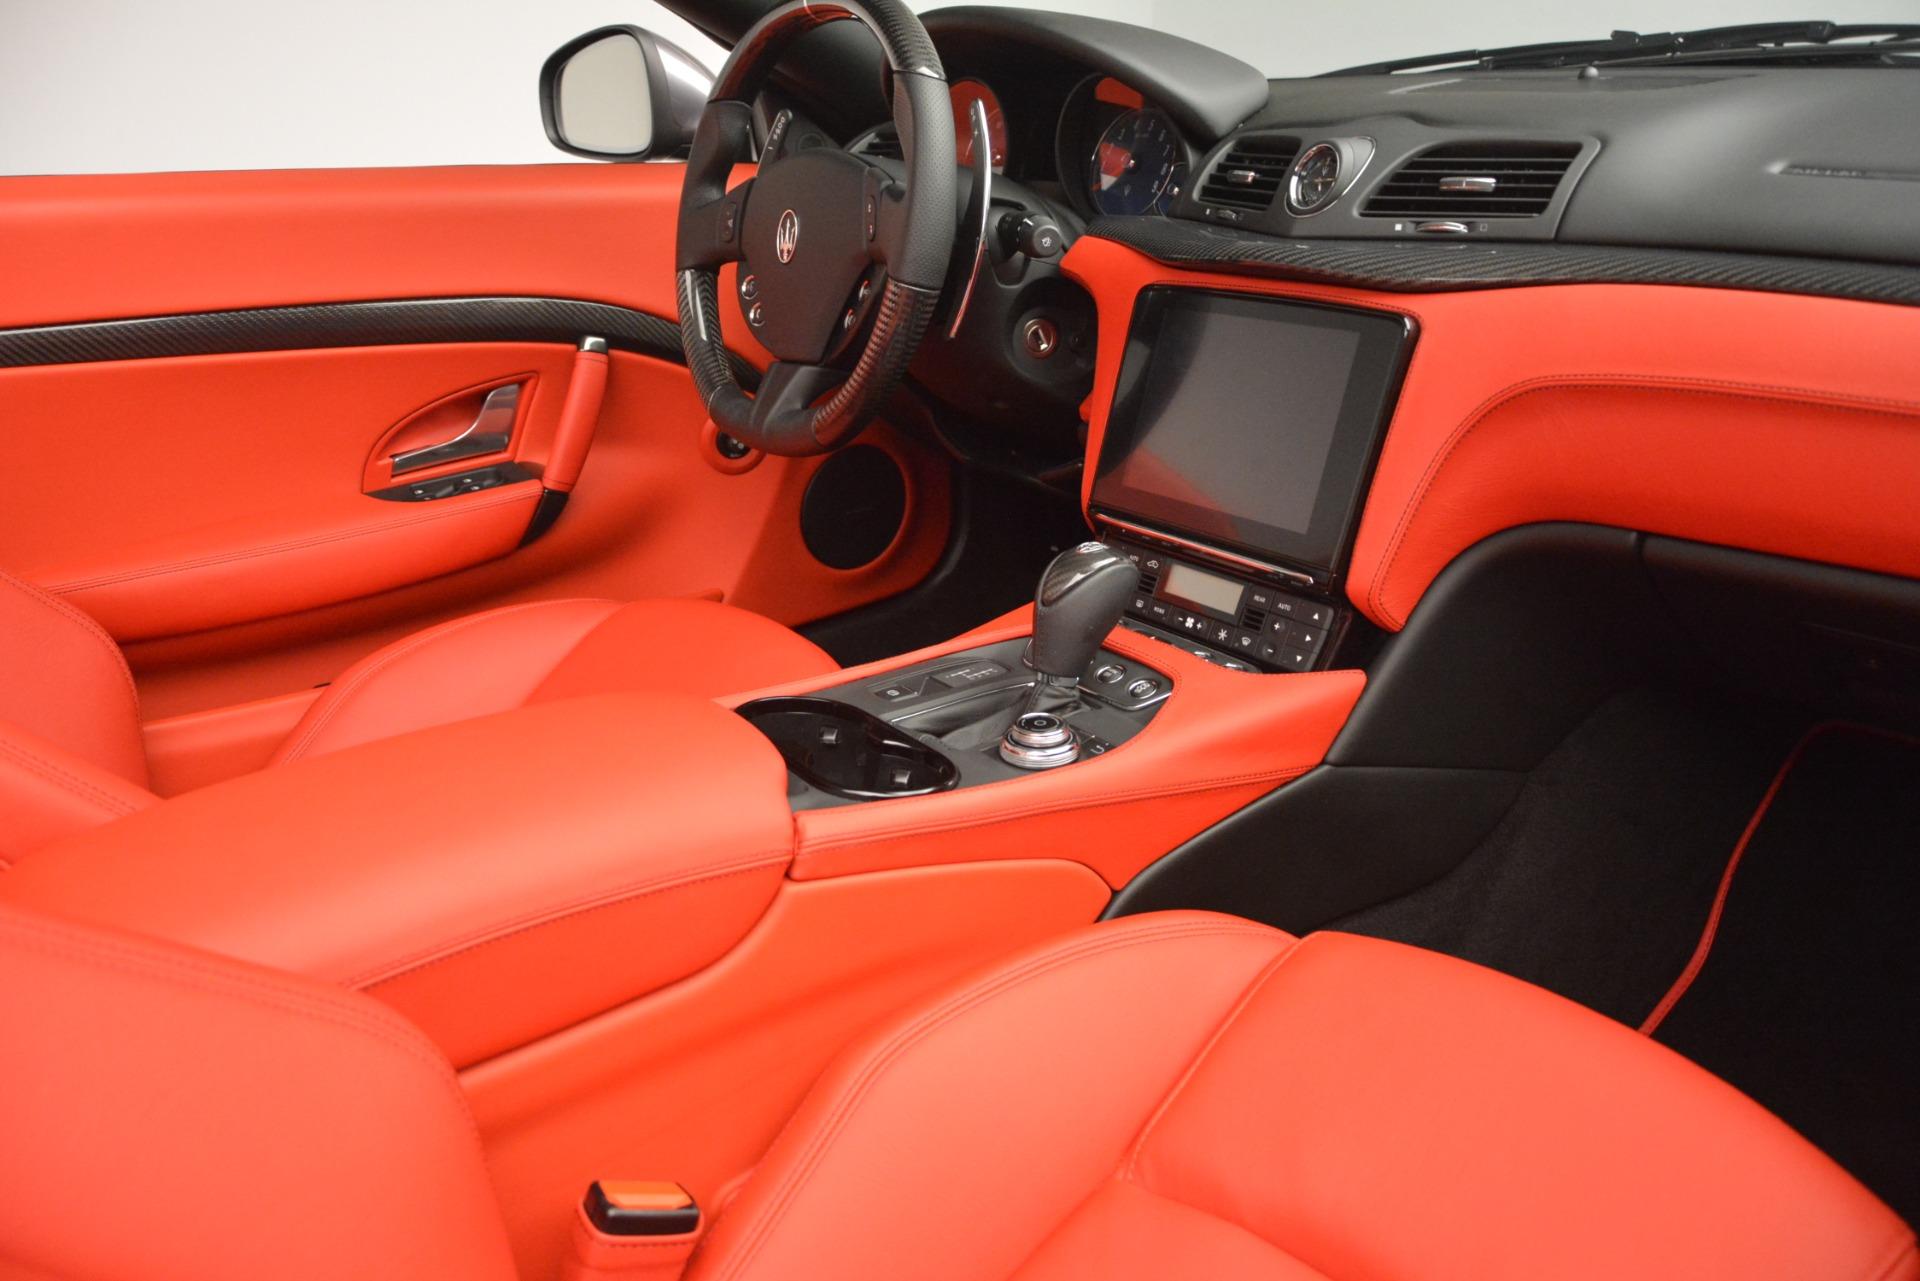 Used 2018 Maserati GranTurismo Sport For Sale In Greenwich, CT 2637_p28